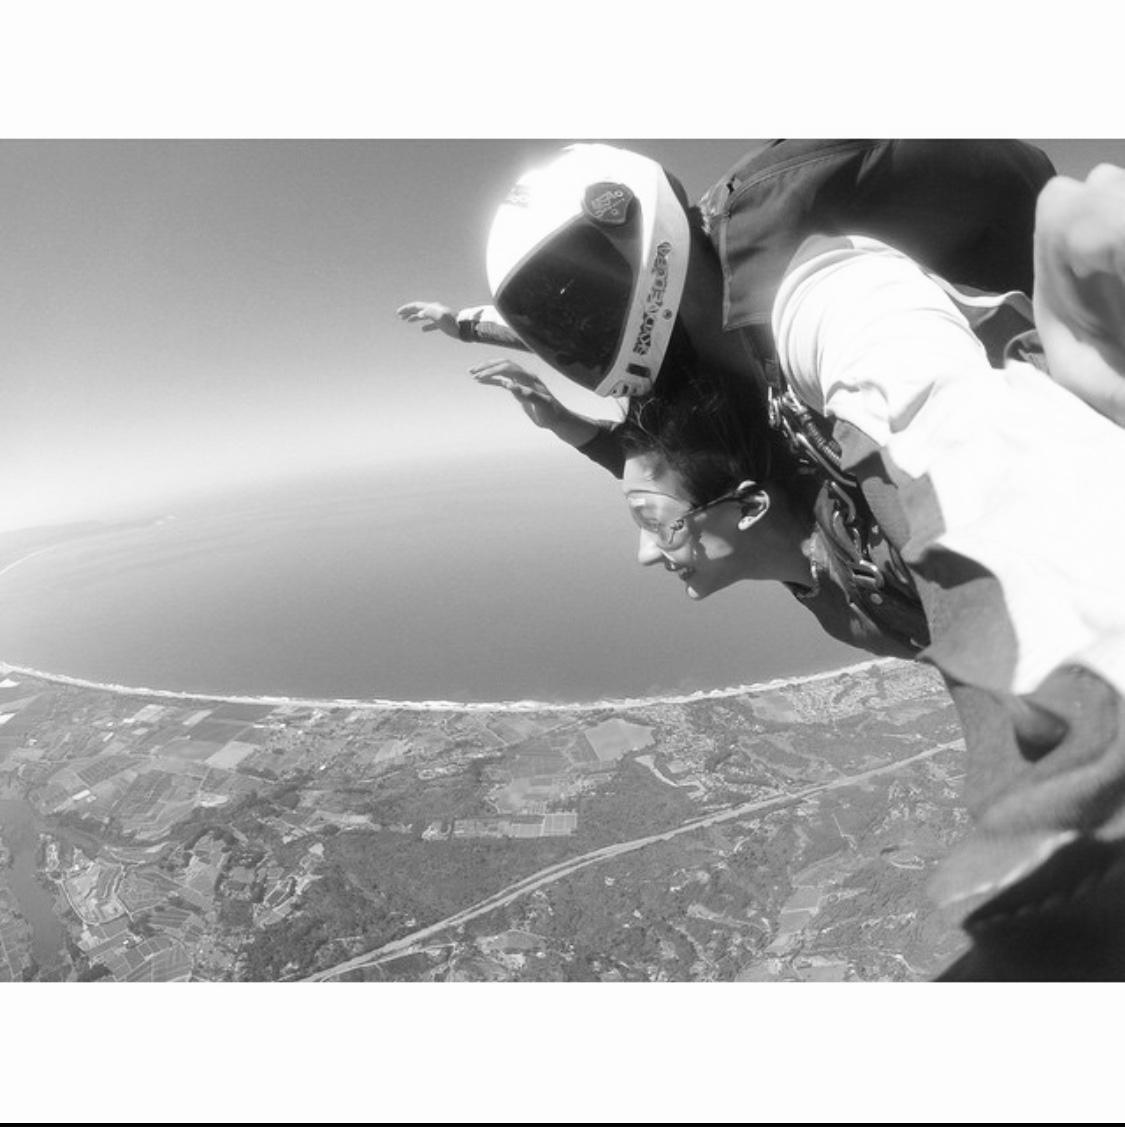 Skydiving in Santa Cruz